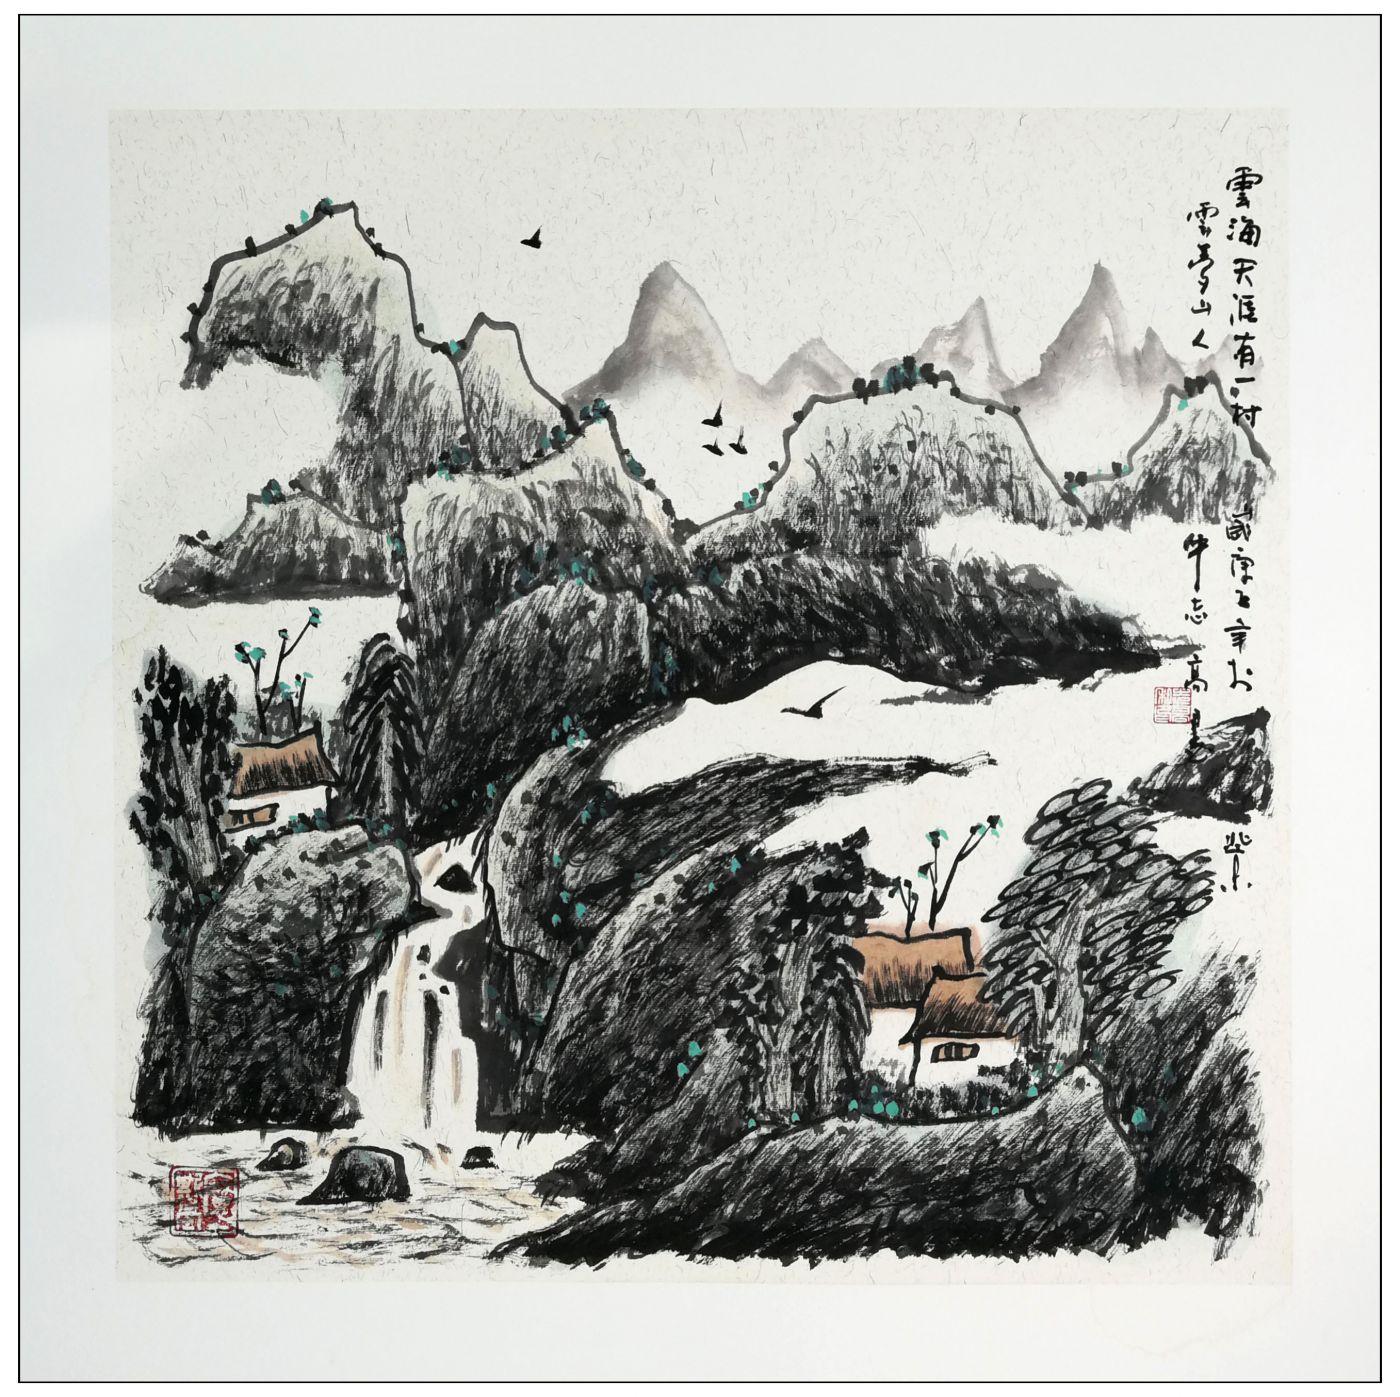 牛志高2020山水画新作-----2020.07.07_图1-3